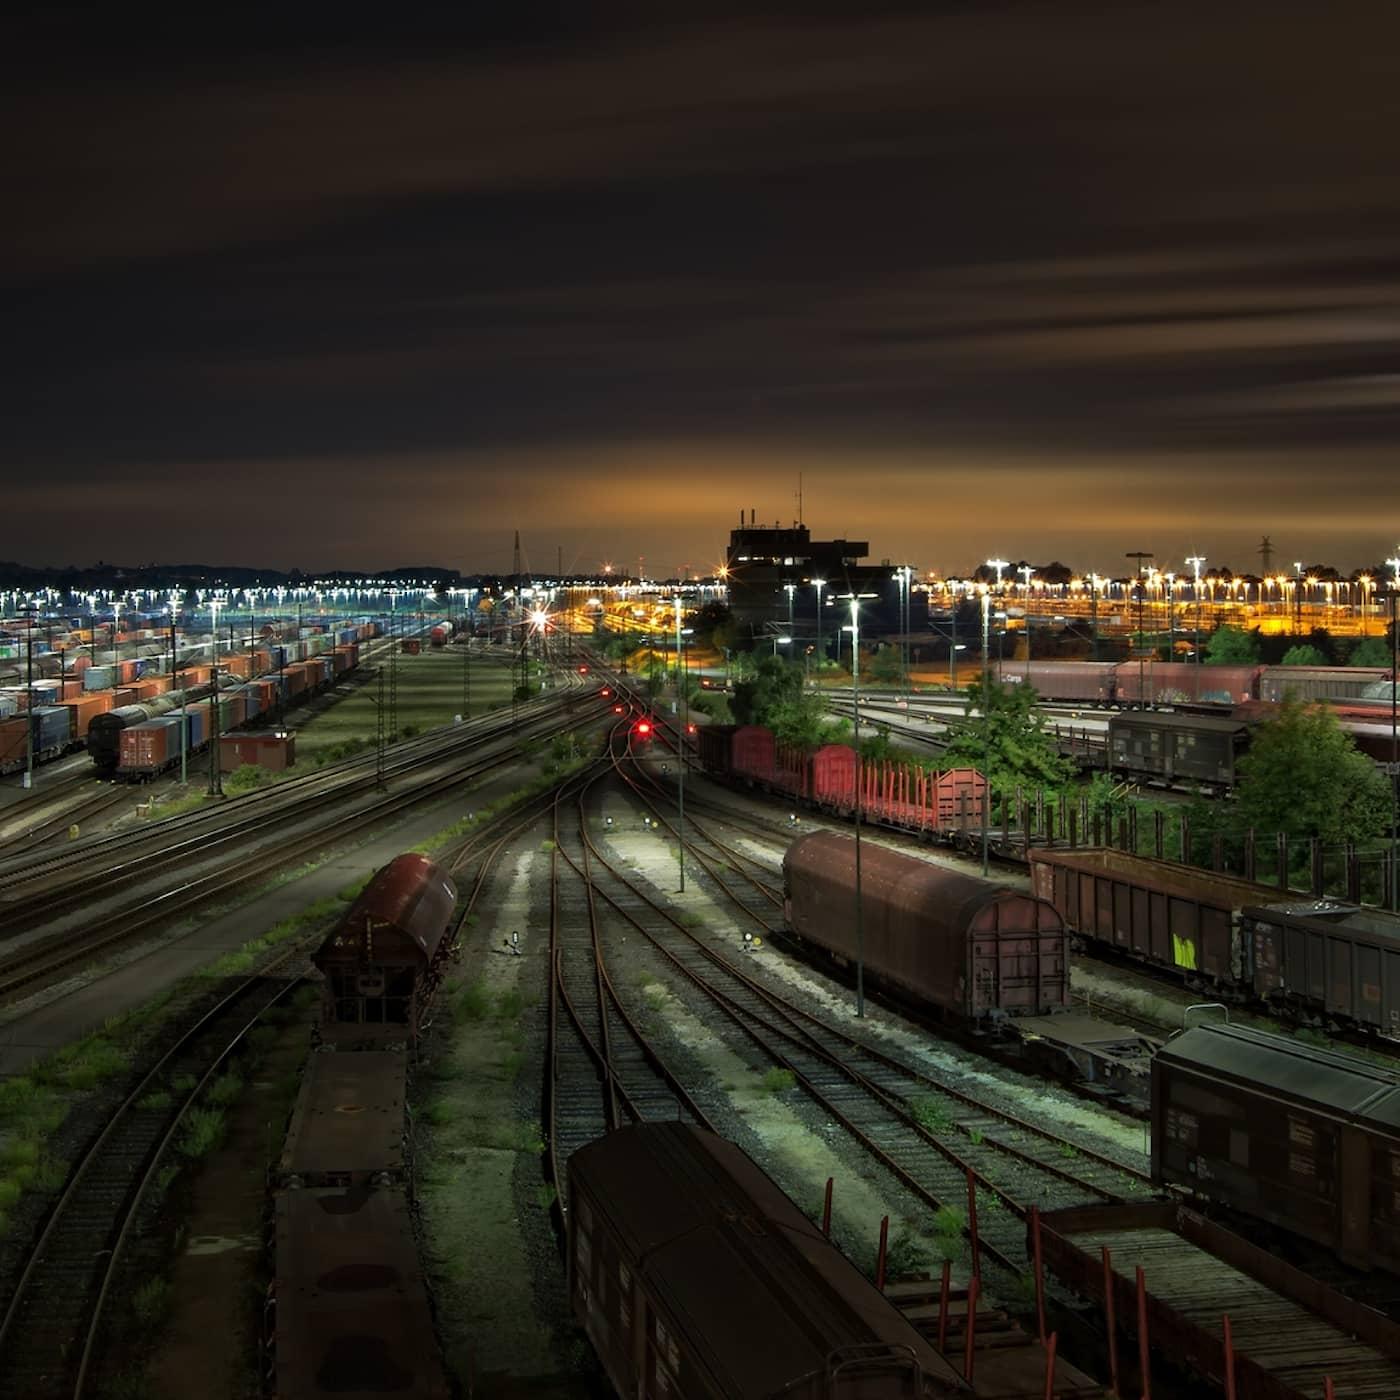 Kan EU få Europas tåg att rulla igen?